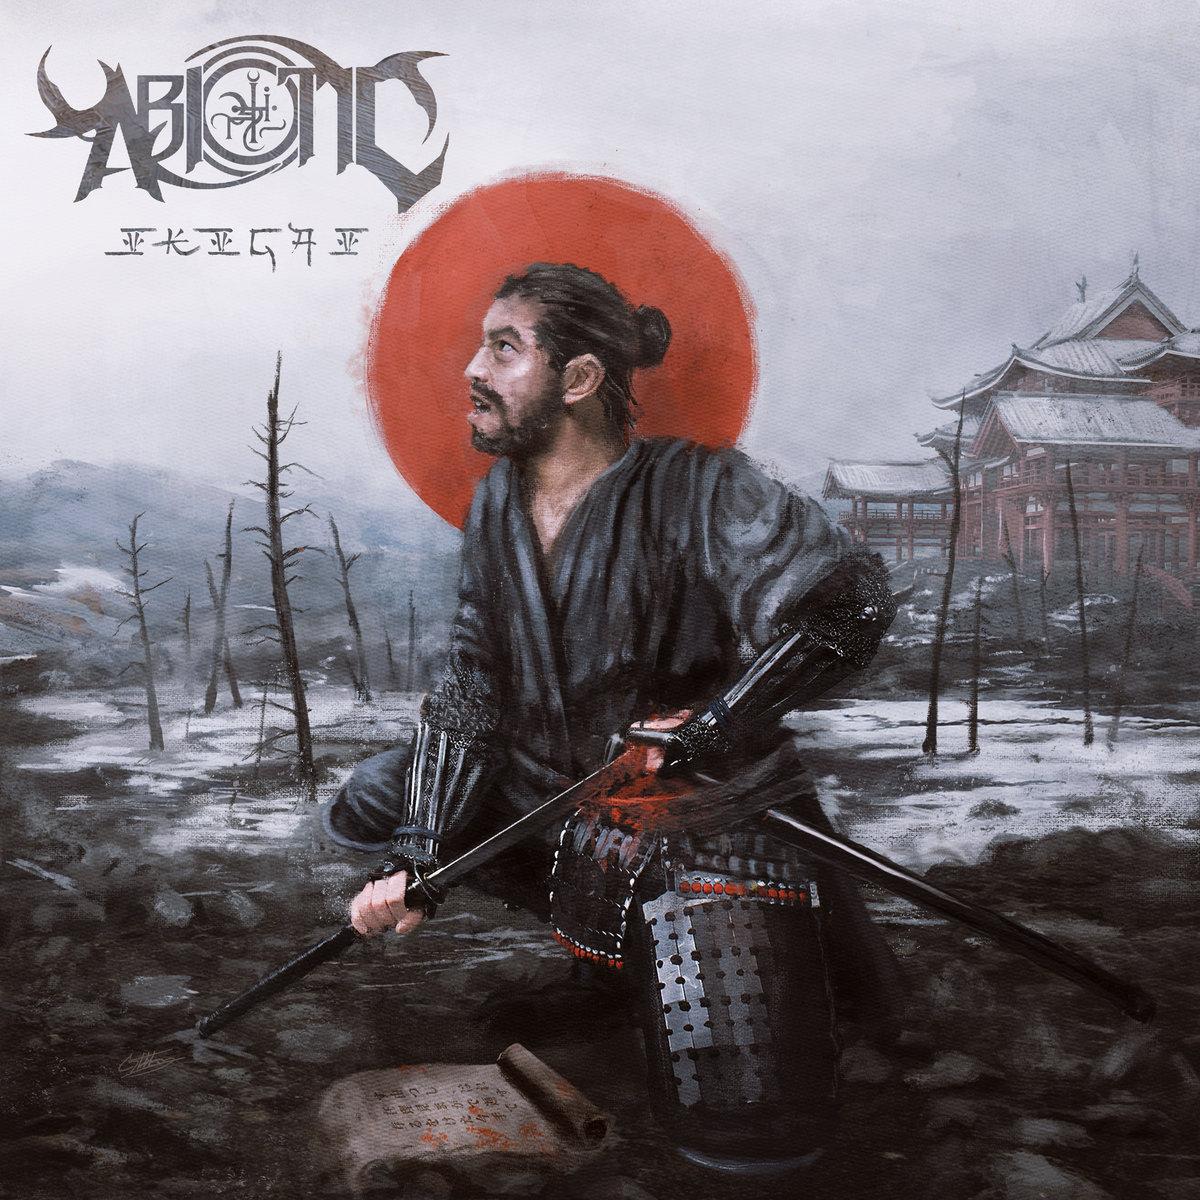 abiotic ikigai album cover artwork